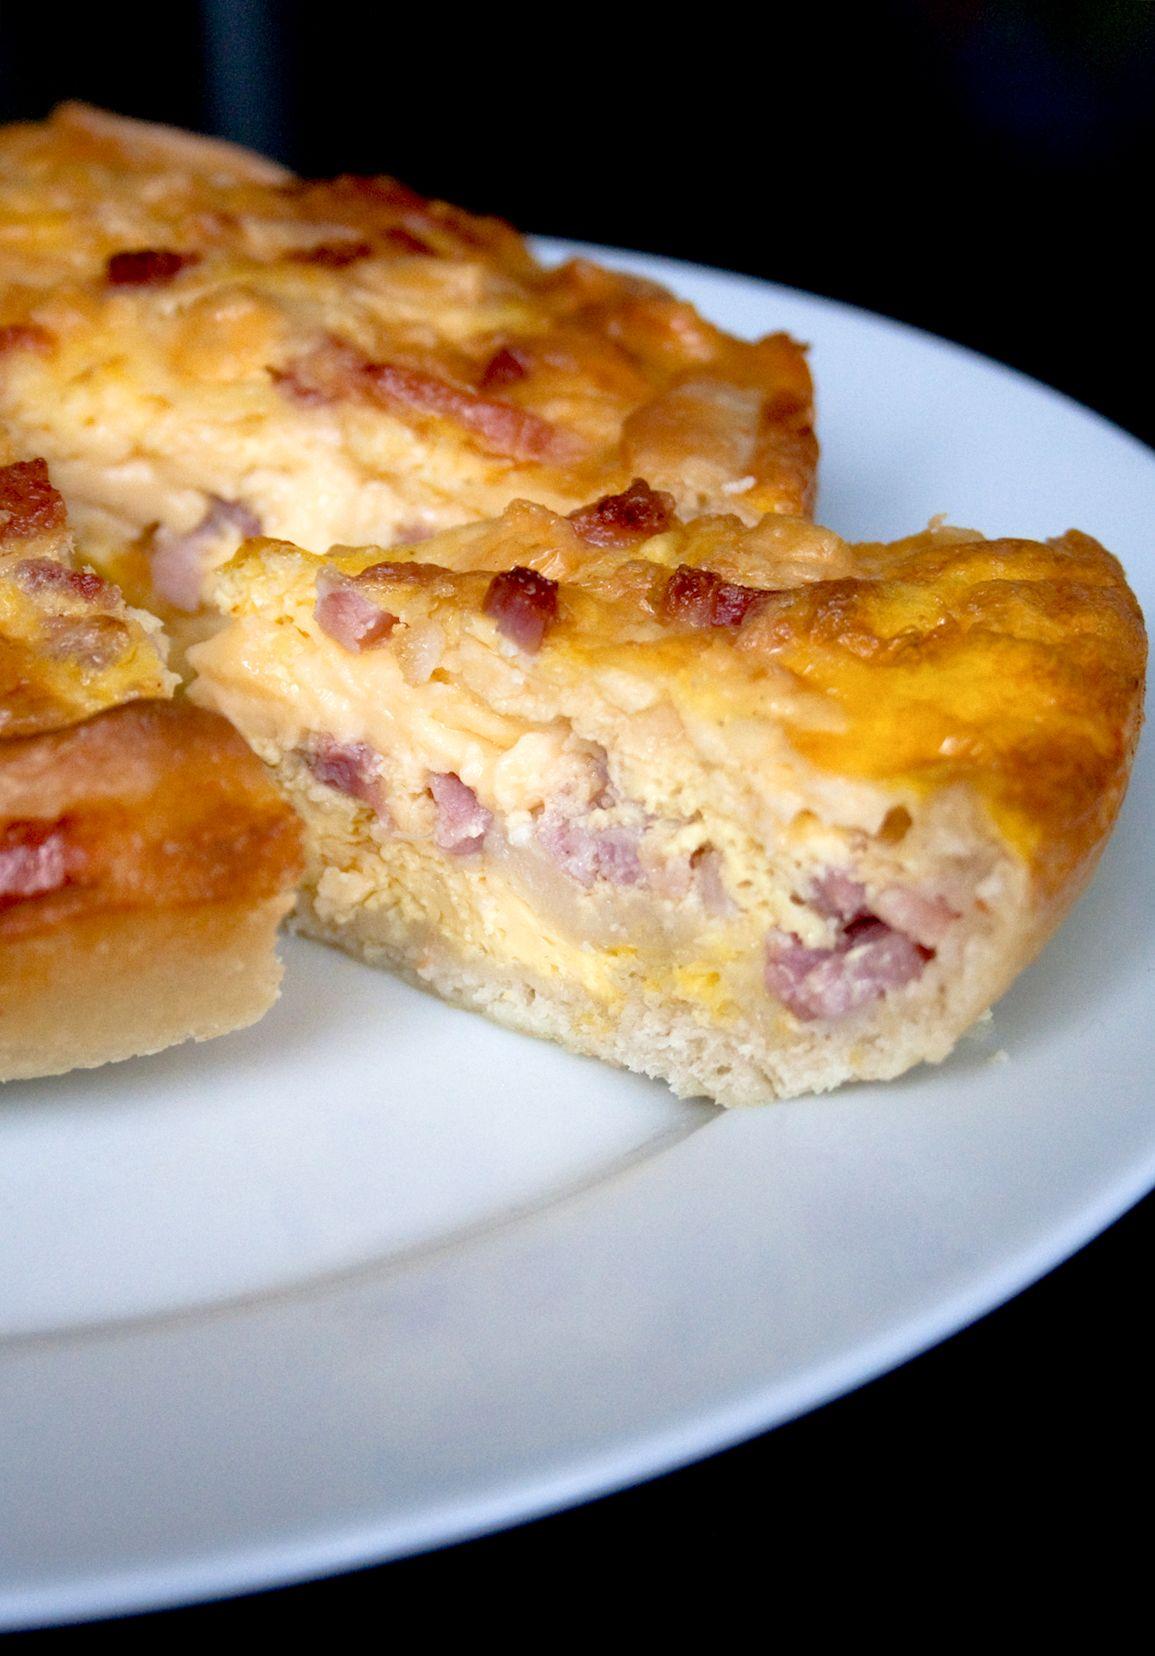 En gastronom a una quiche es un tipo de tarta salada for Tipos de comida francesa